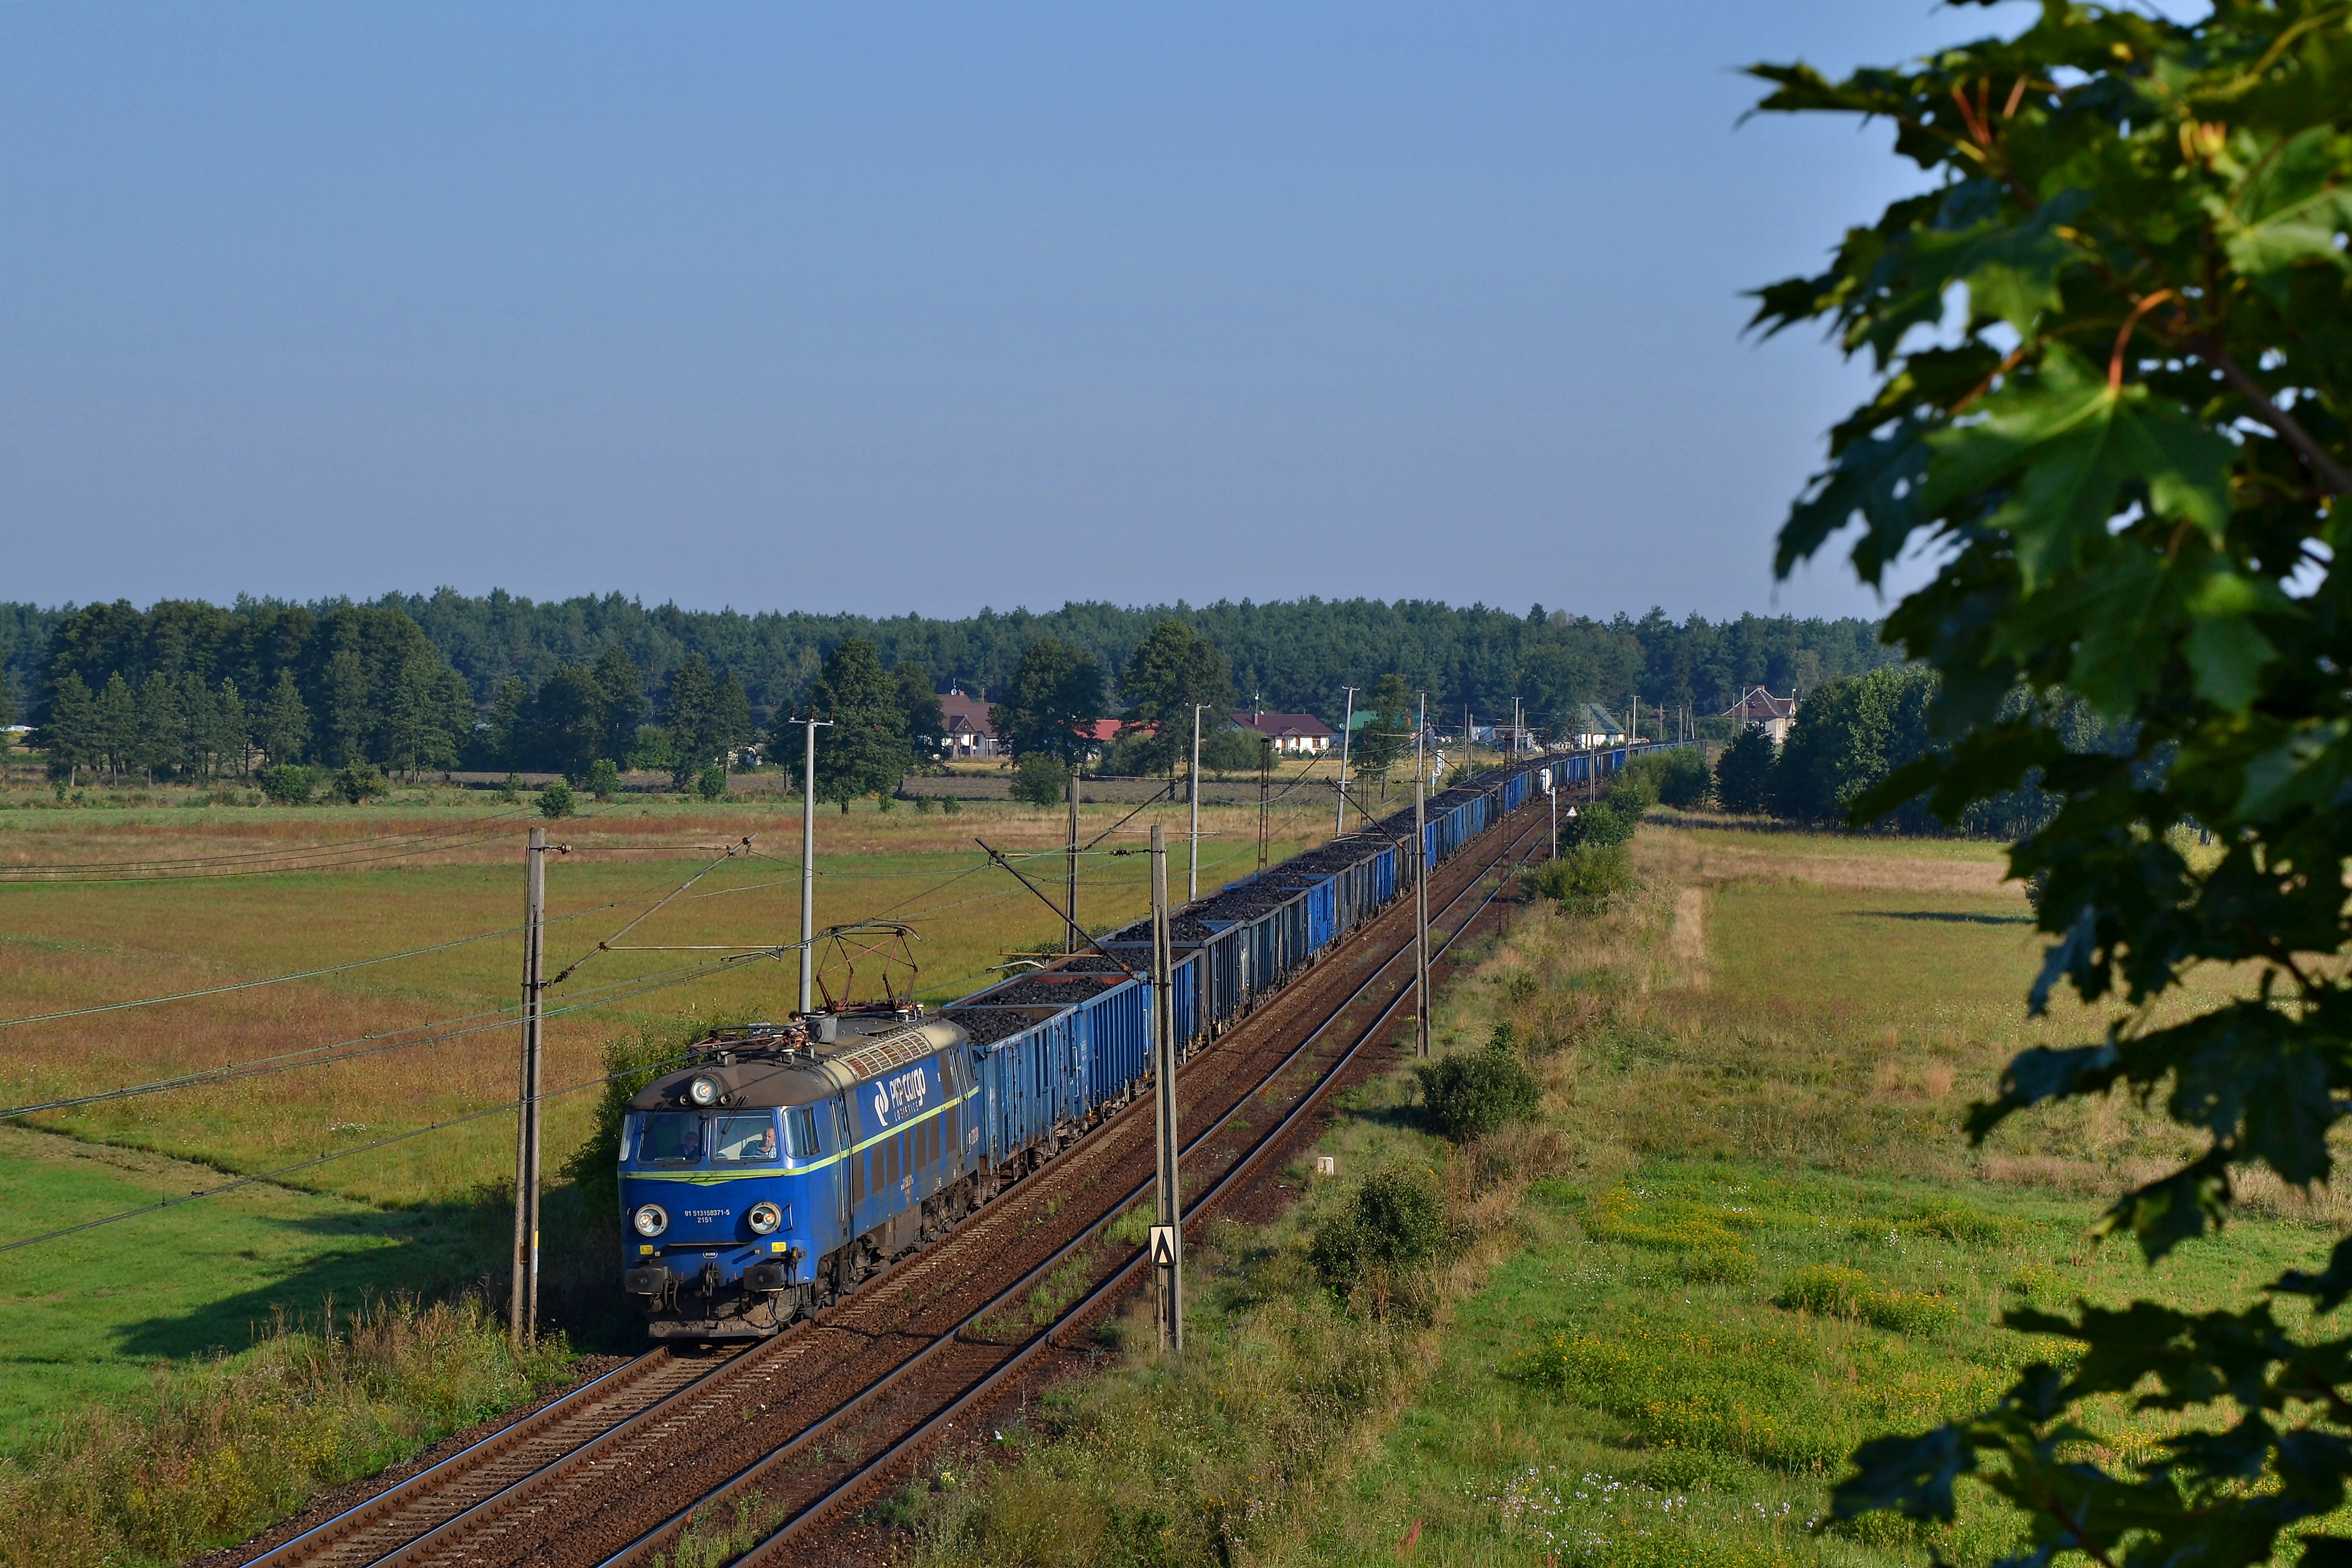 Rok 2019: Trzy warszawskie zakłady PGNiG TERMIKA zaopatrzone w węgiel przez PKP CARGO